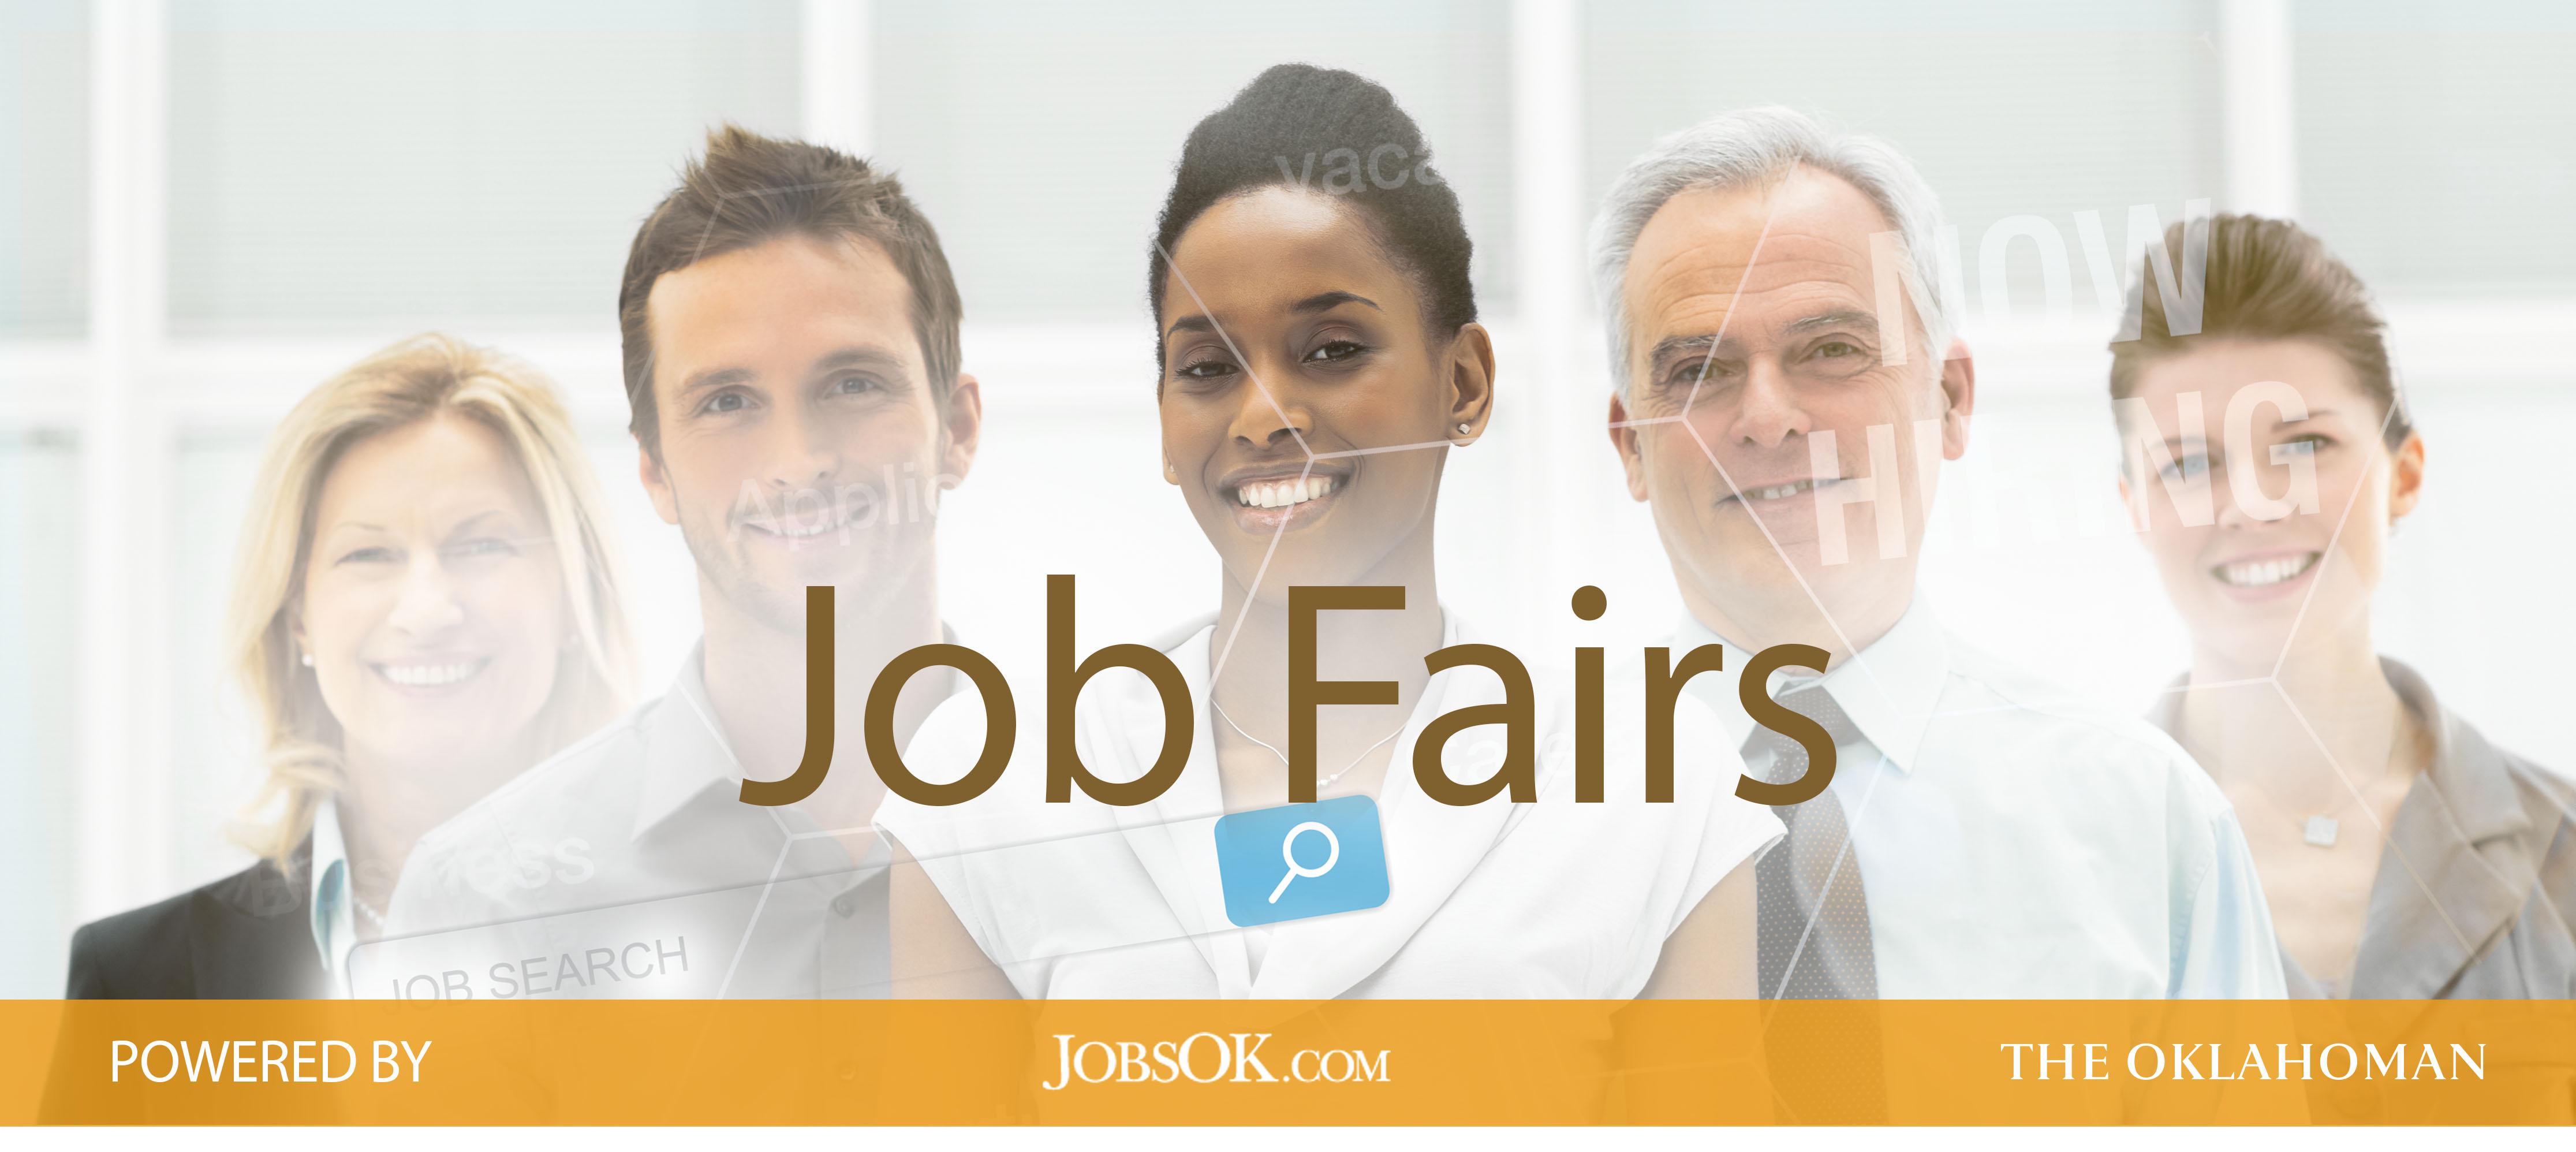 Digital Job Fair: Thursday, October 10 - Thursday, October 17